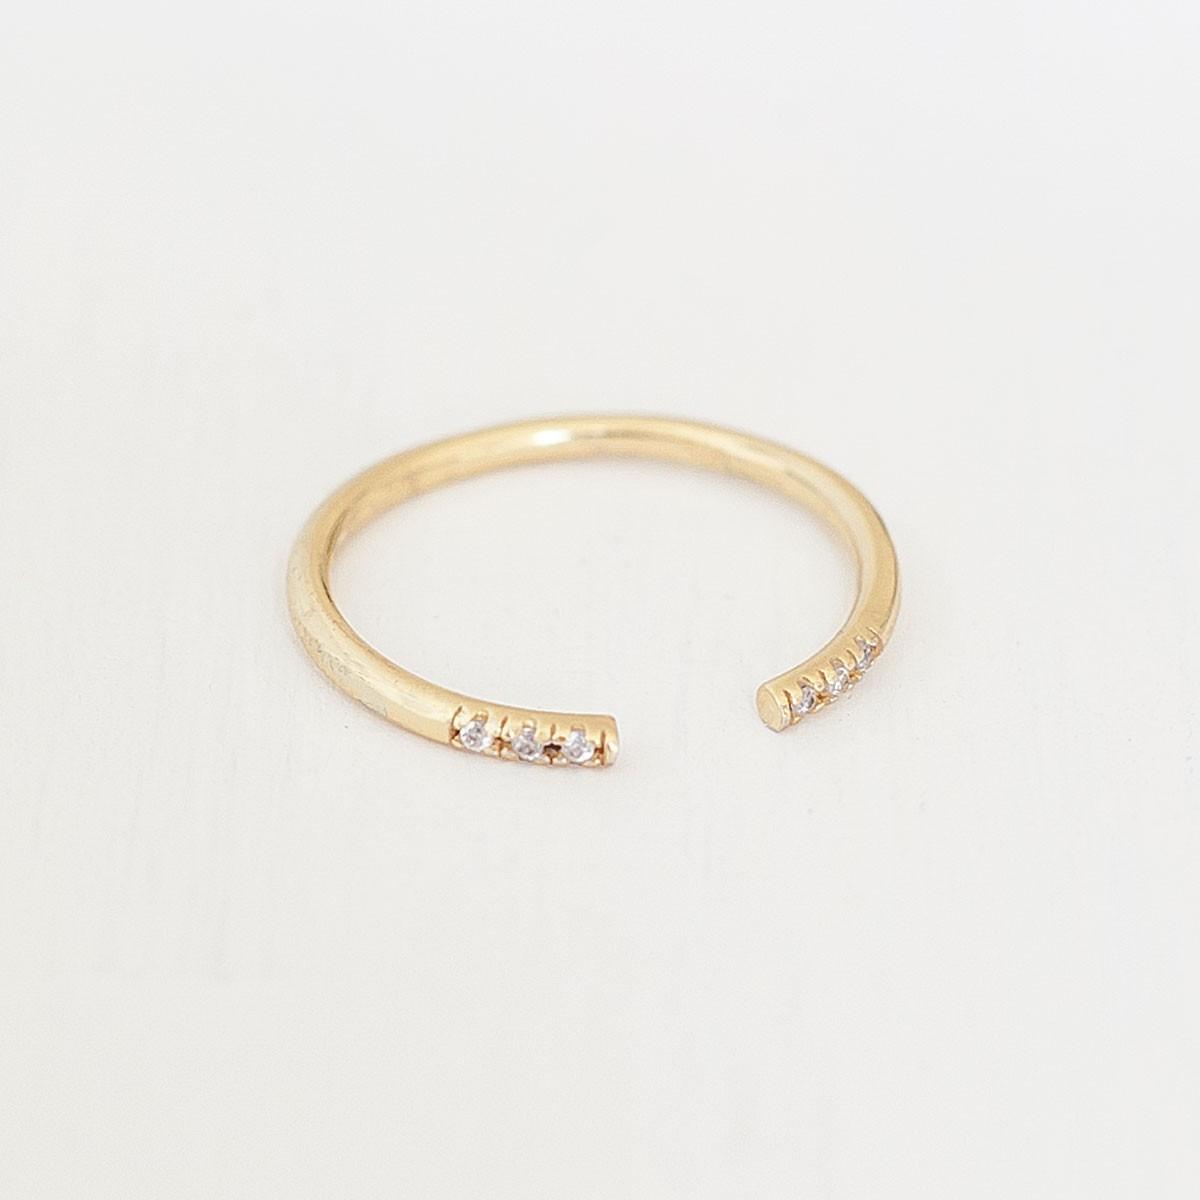 Oh Bracelet Berlin – Stapelring VI offen aus 925 Sterlingsilber vergoldet